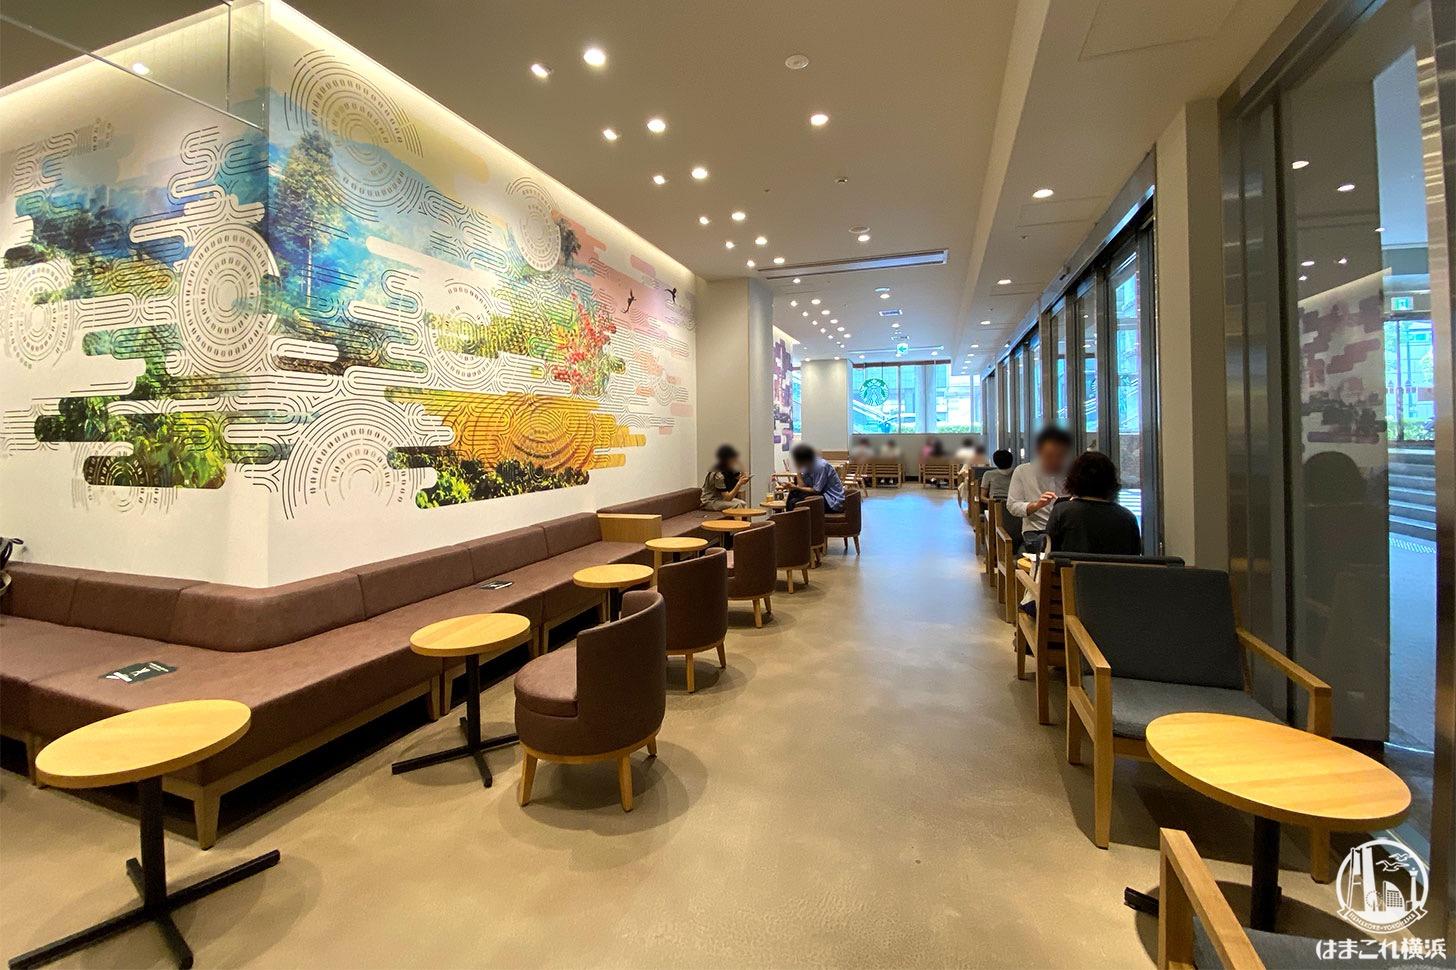 スターバックスコーヒー 横浜ランドマークプラザ店 店内雰囲気